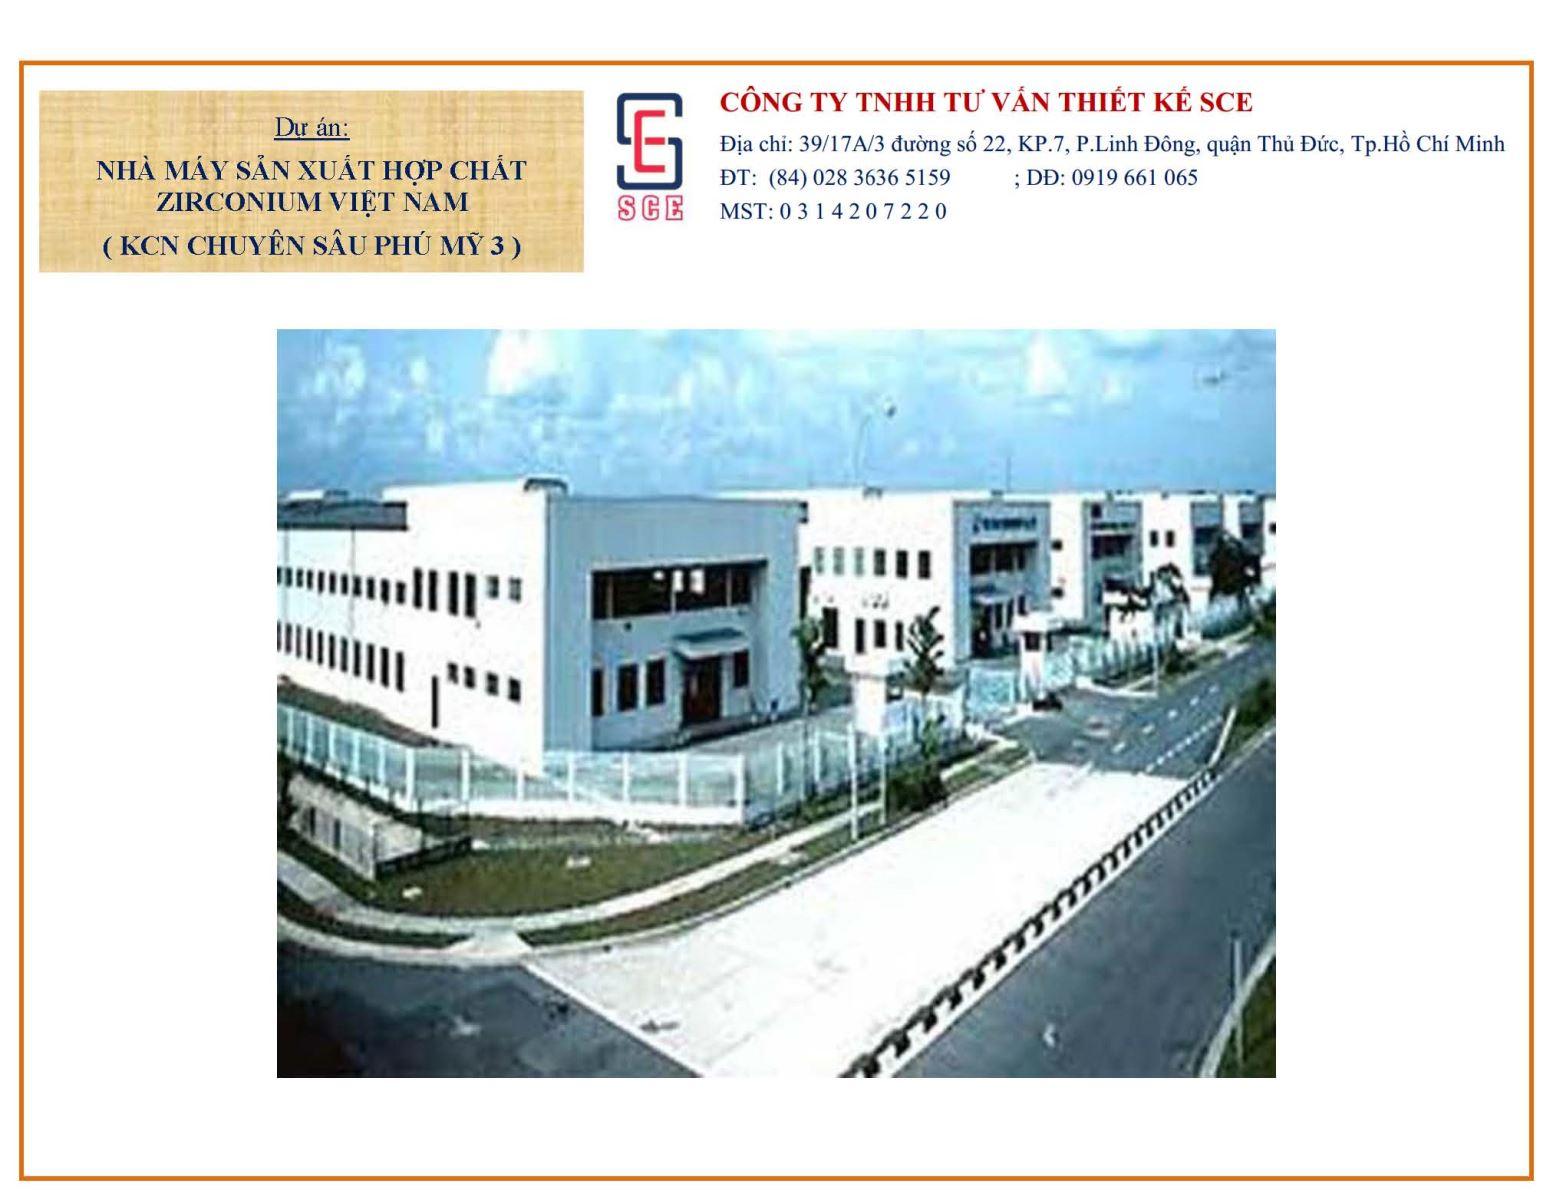 Nhà máy sản xuất hợp chất Zirconium Việt Nam